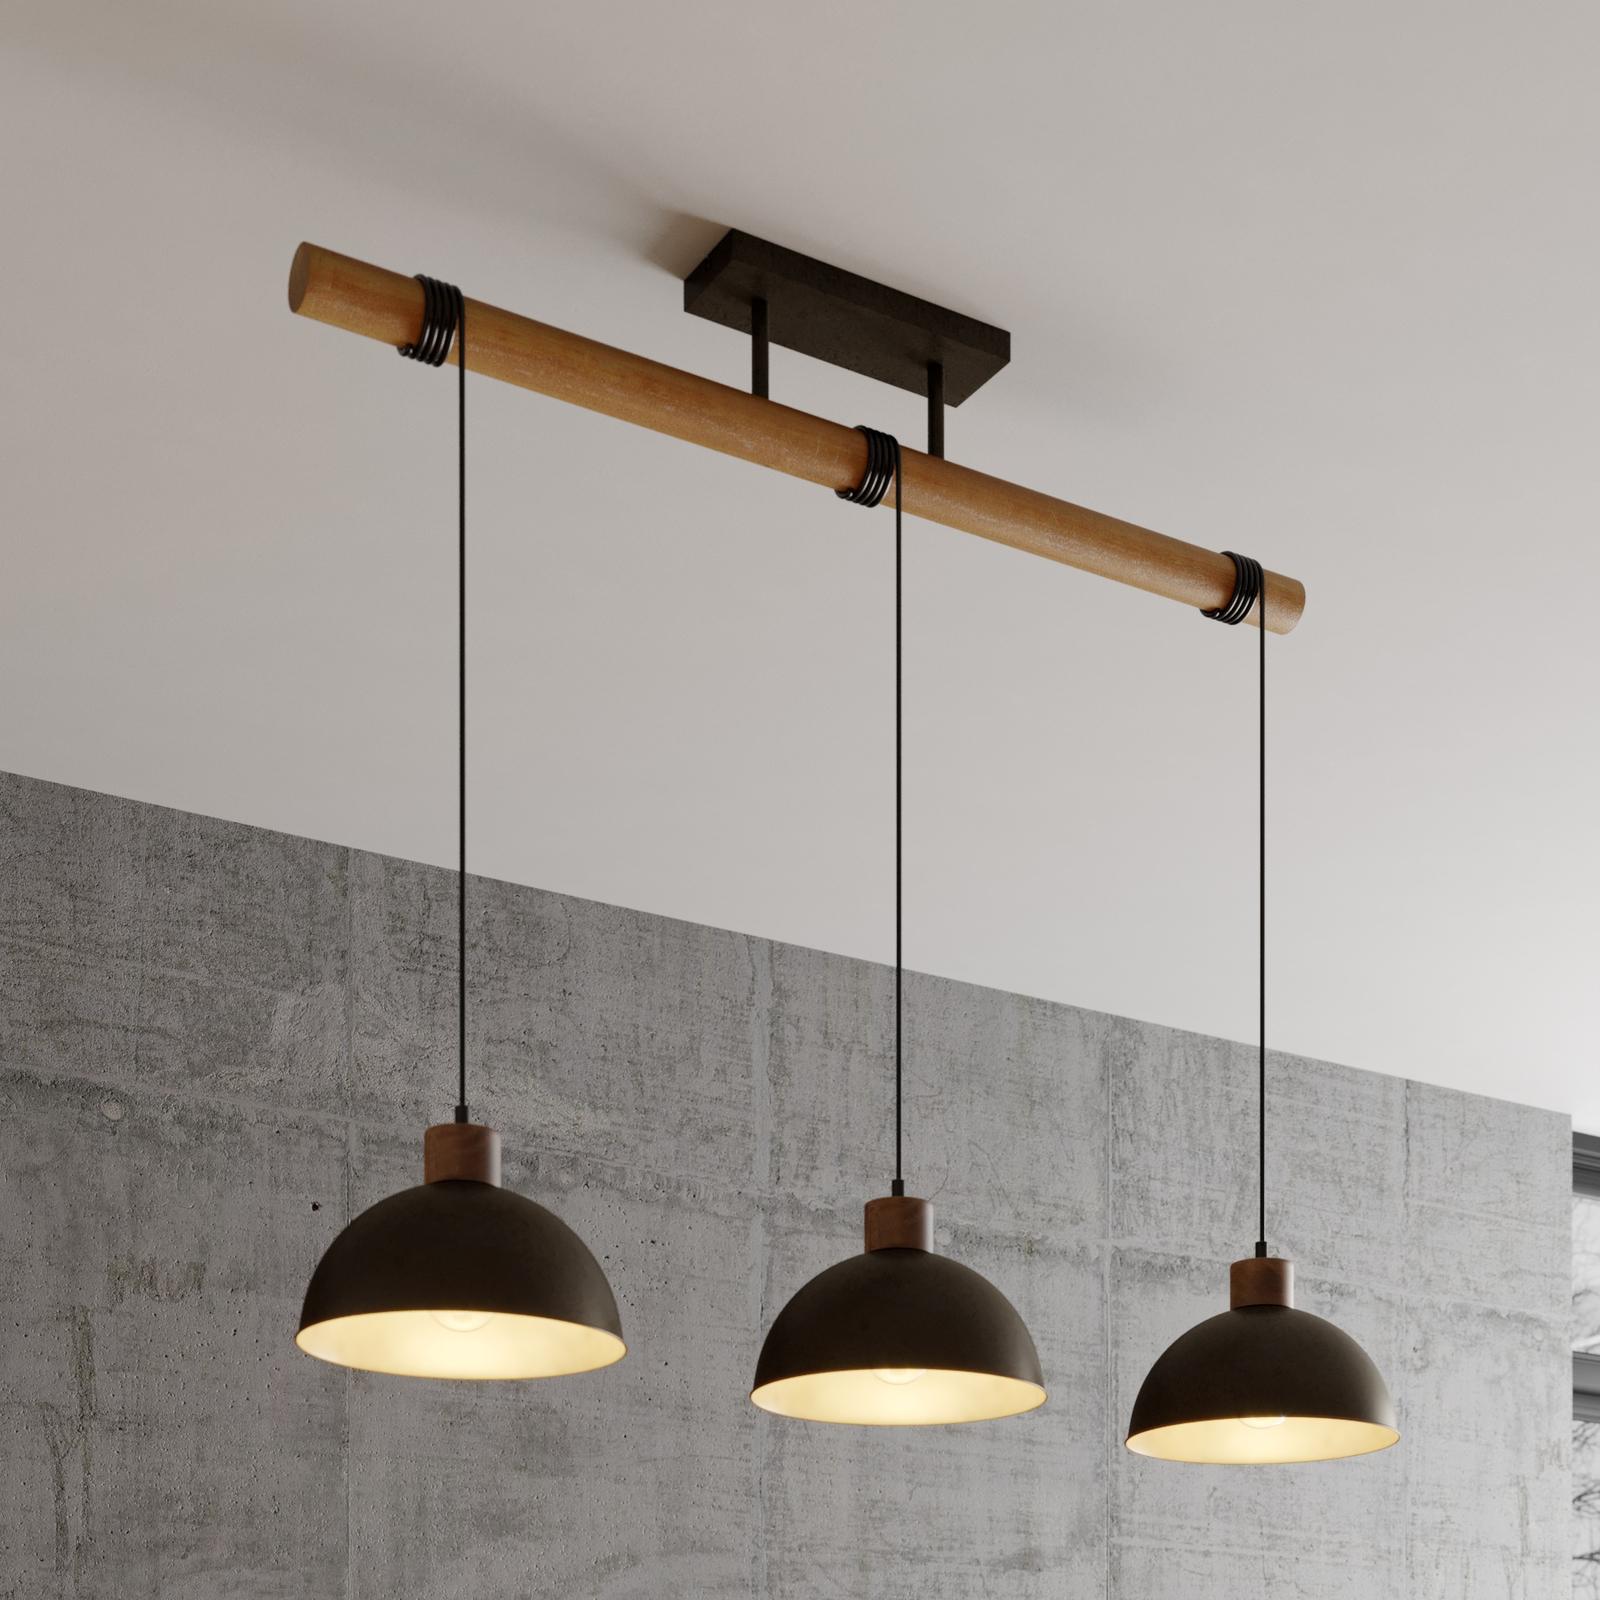 Lindby Holgar hængelampe træ og metal, 3 lyskilder